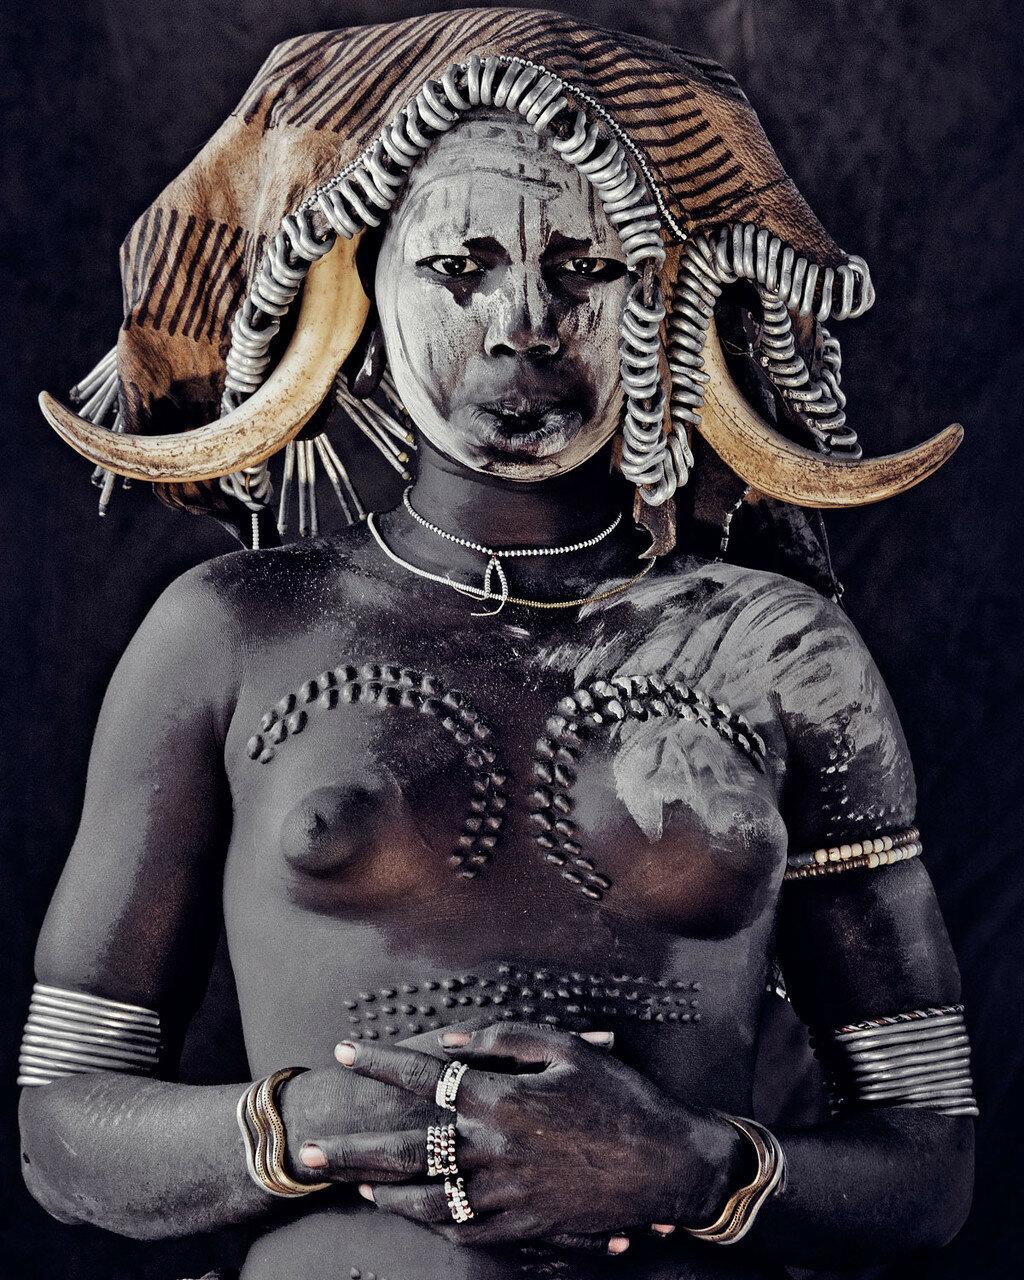 Джимми Нельсон. Проект «Пока они не исчезли». Эфиопия. Народность Мурси